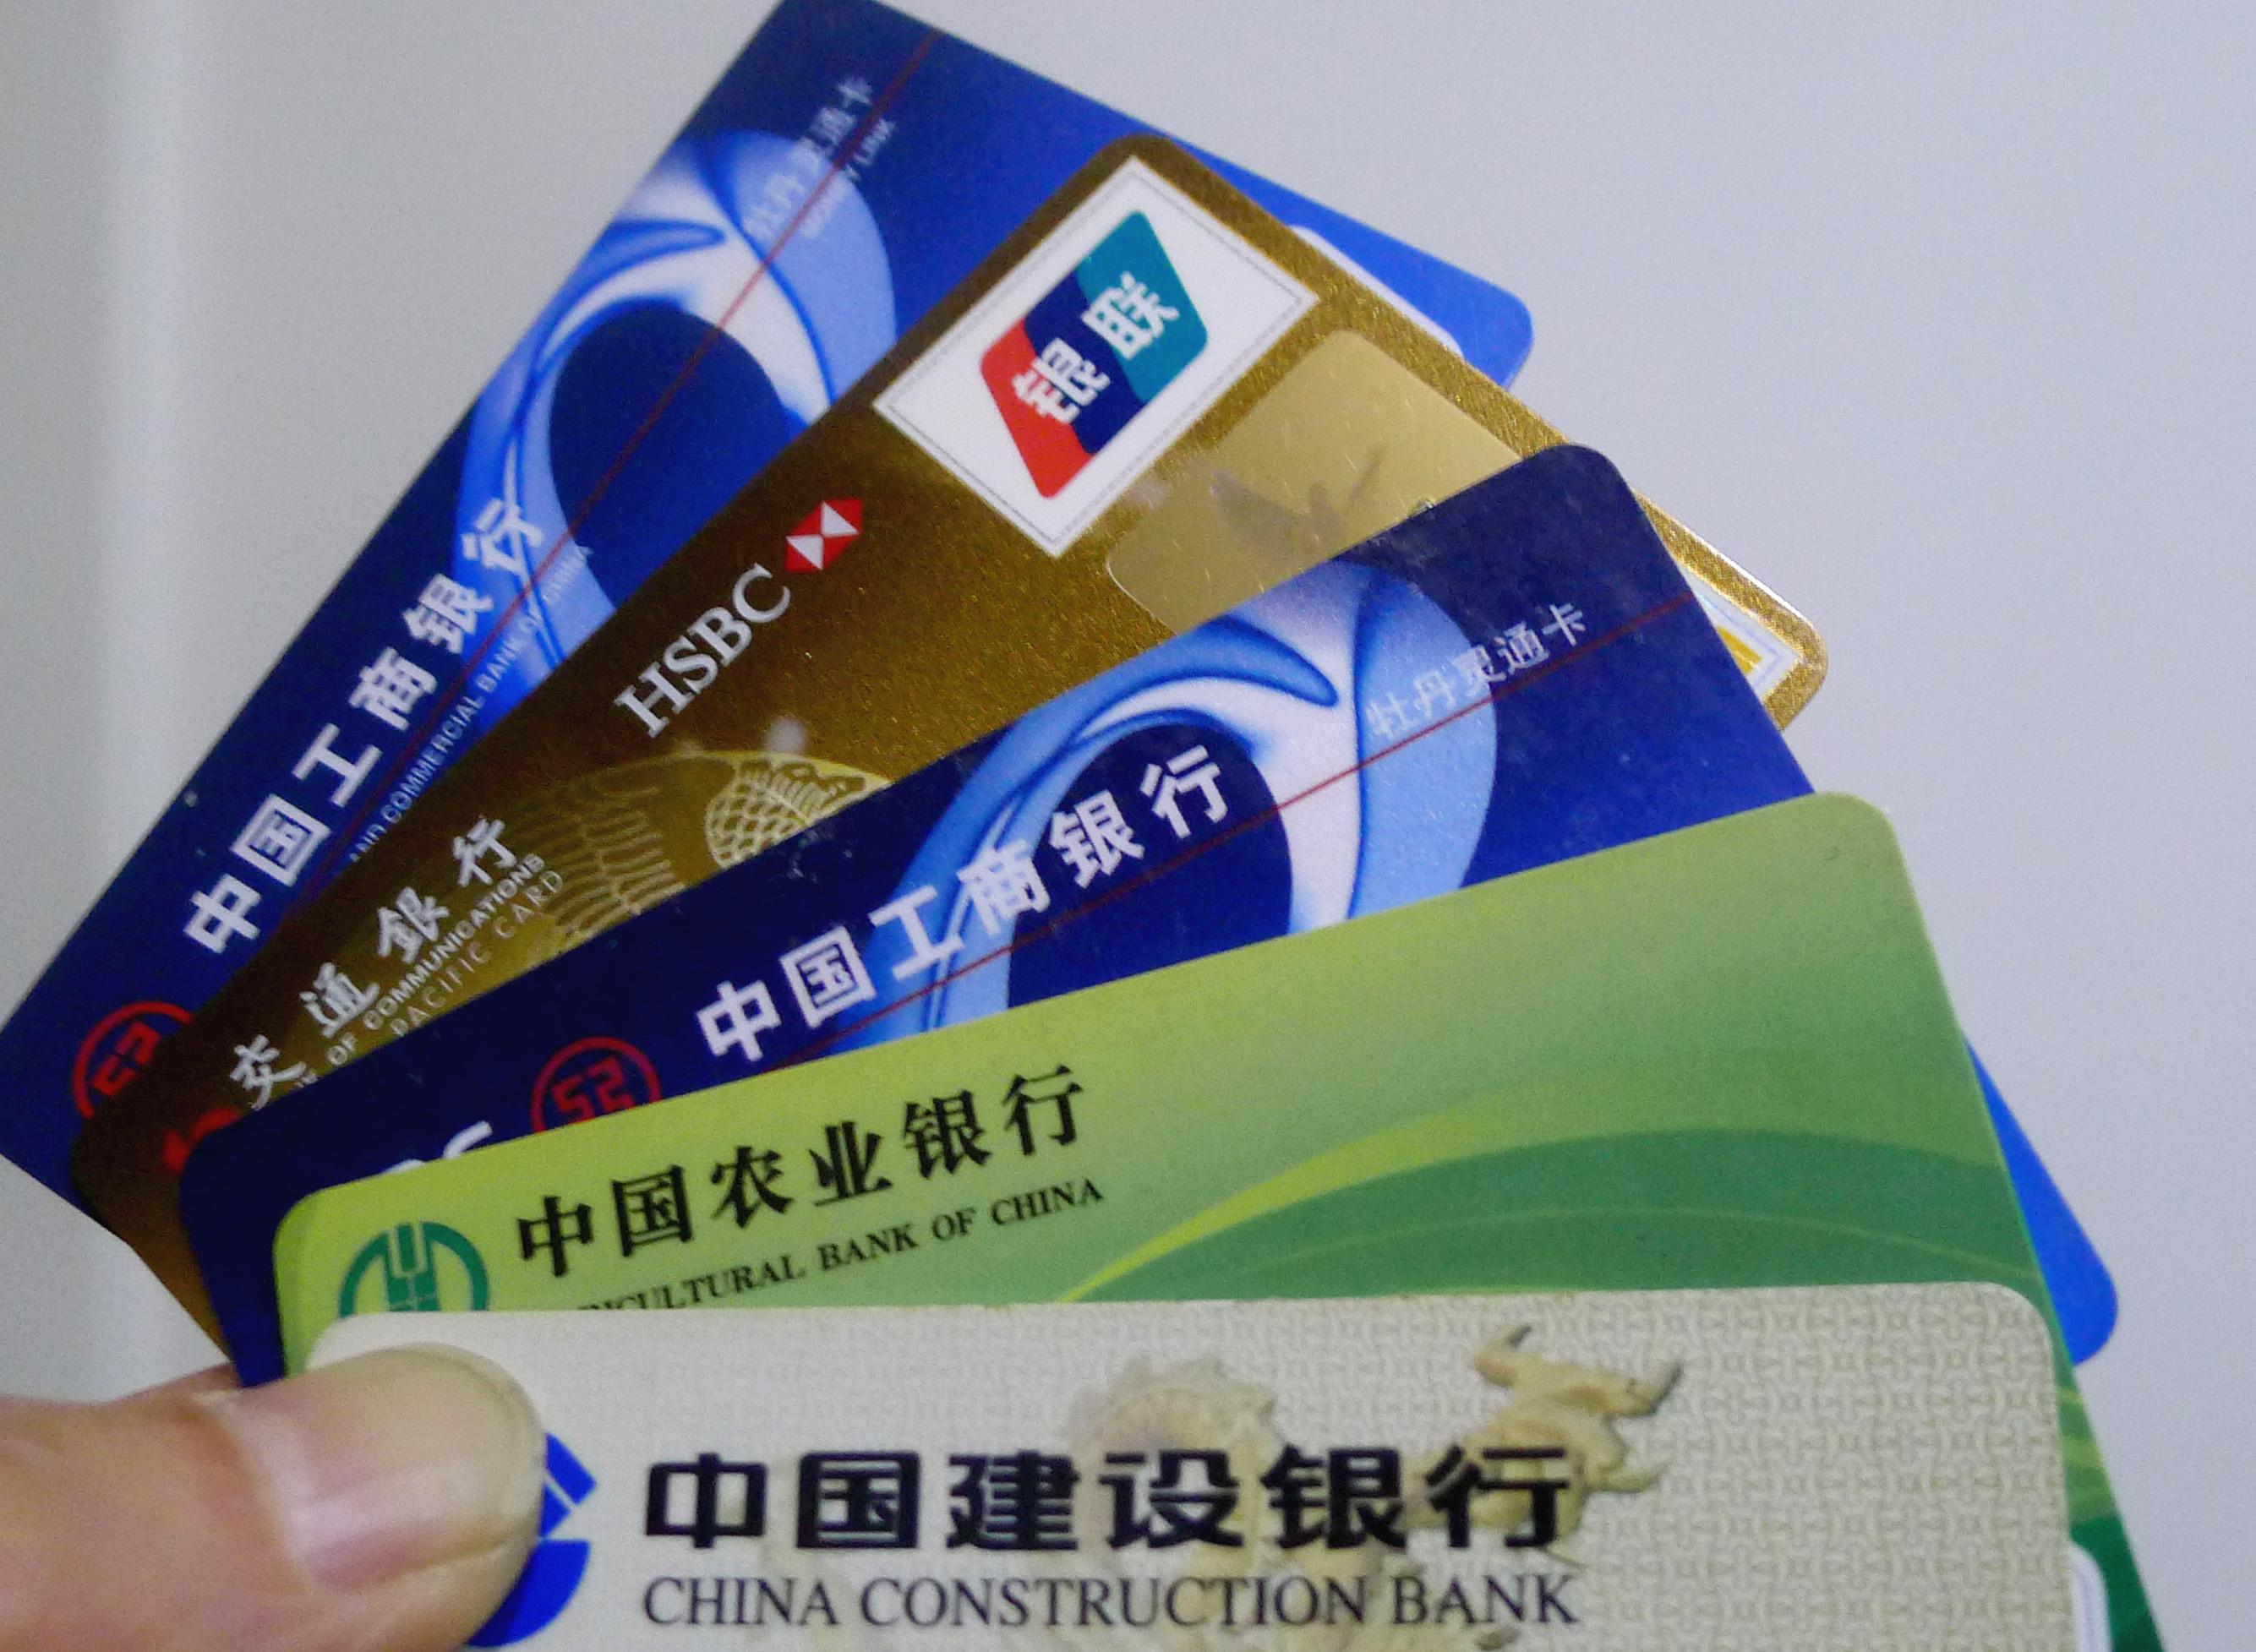 8张极易下卡的平民白金卡,功能无异于高端卡!